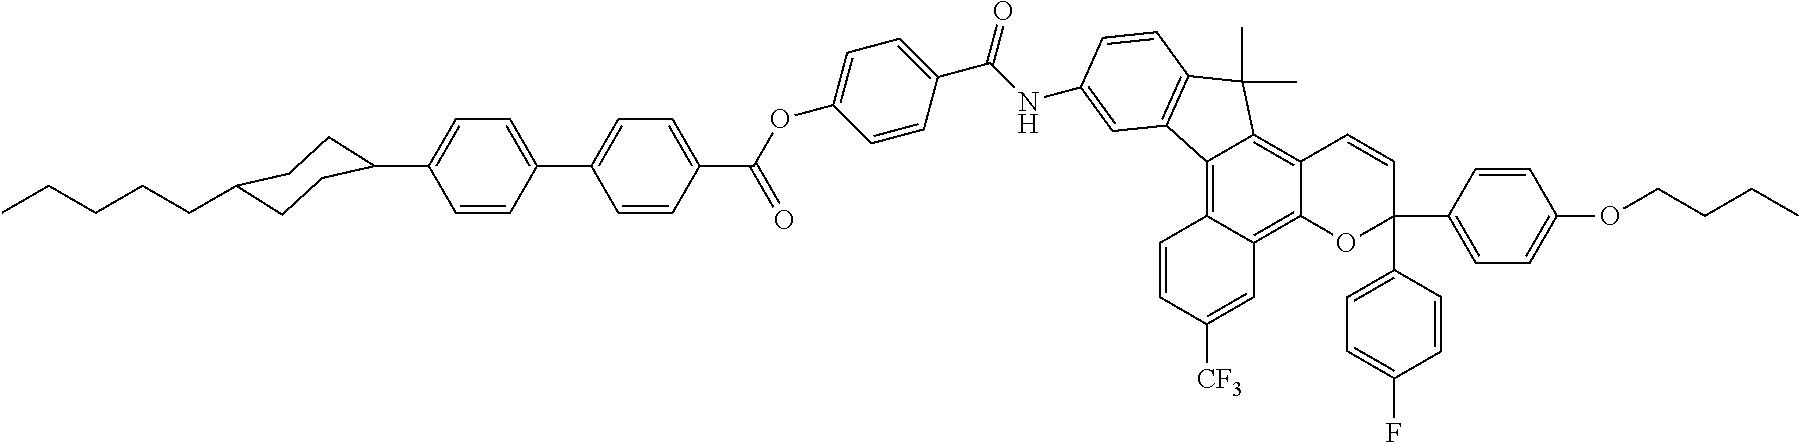 Figure US08545984-20131001-C00044